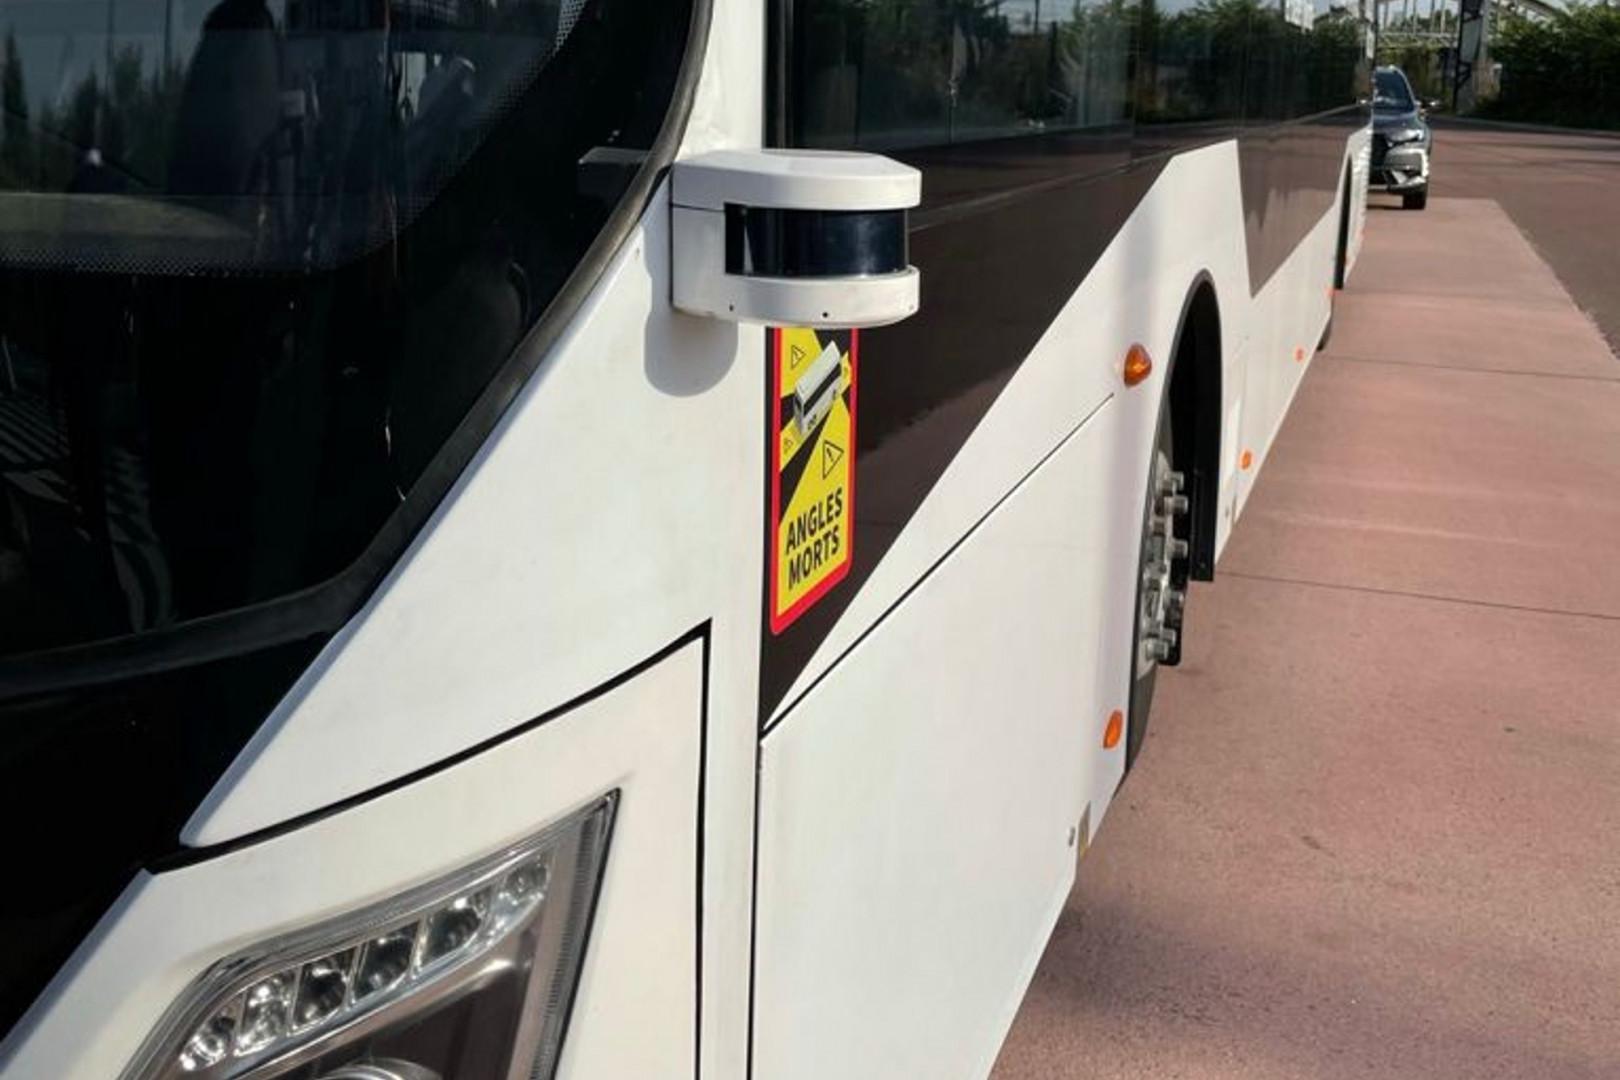 Les capteurs présents sur les côtés du bus lui permettent de circuler tout seul